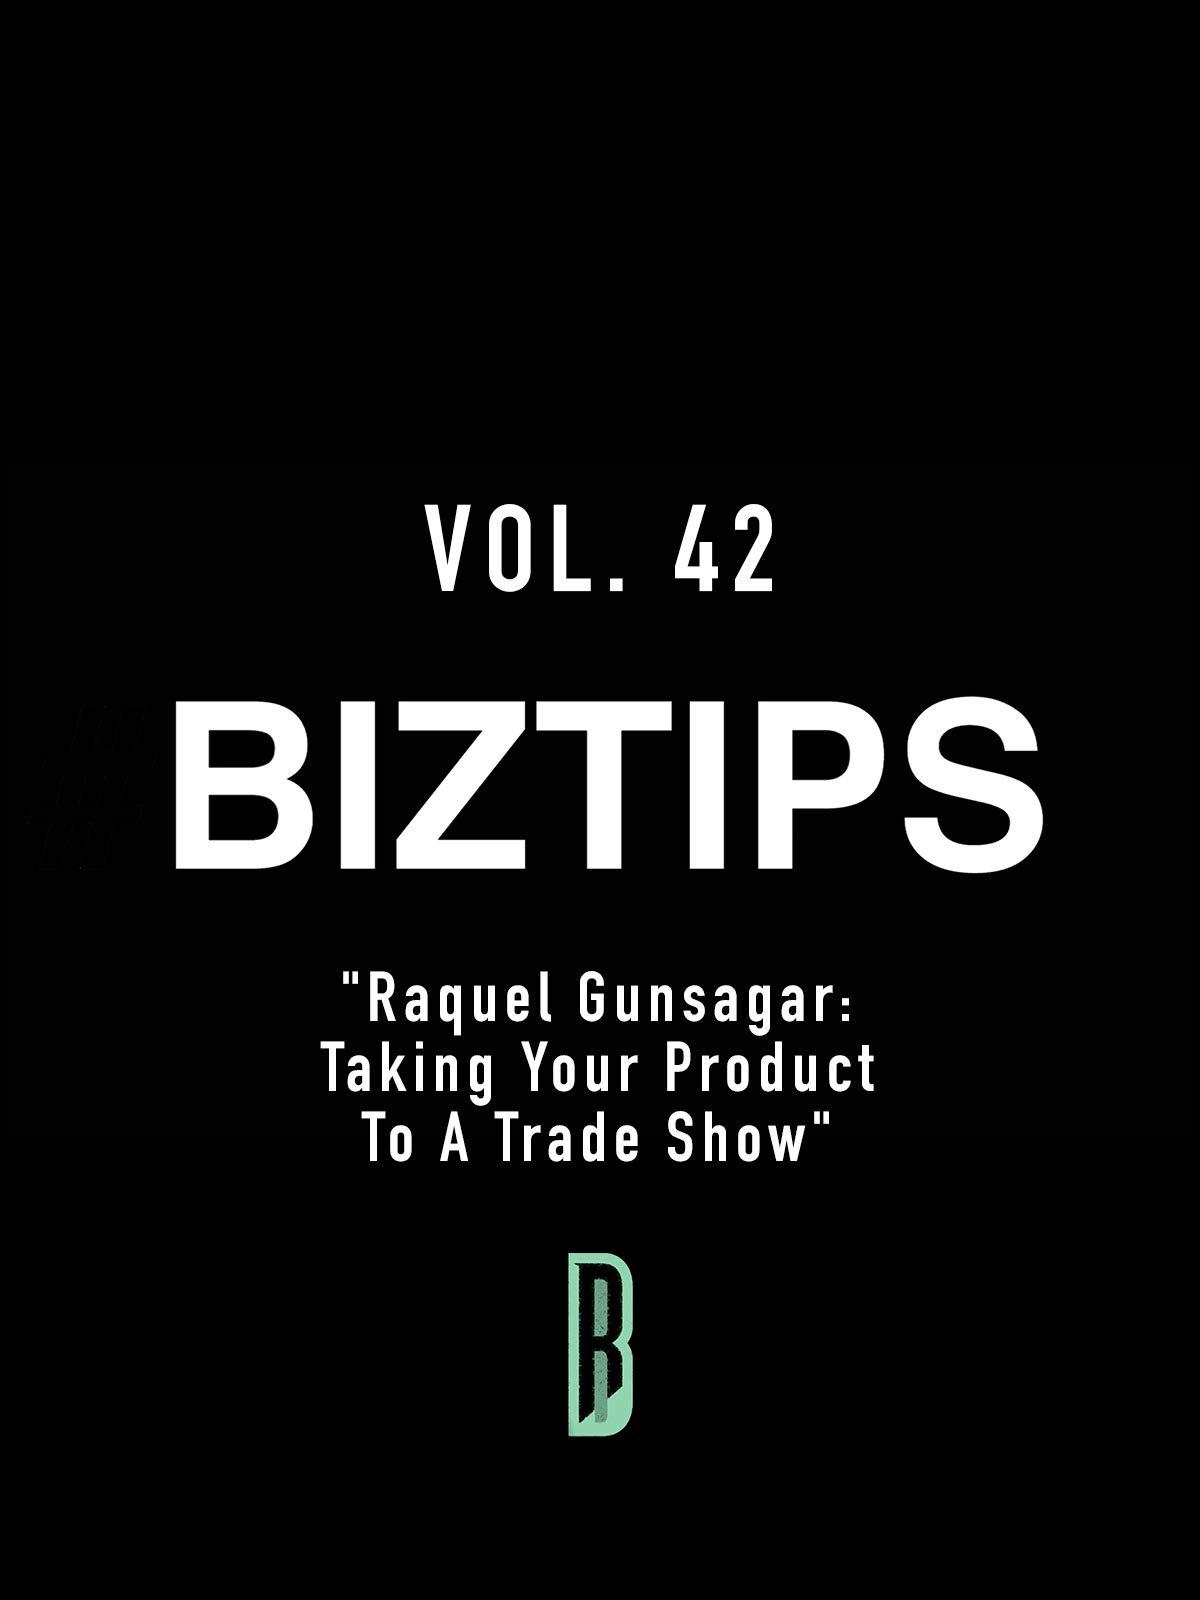 BizTips Vol. 42